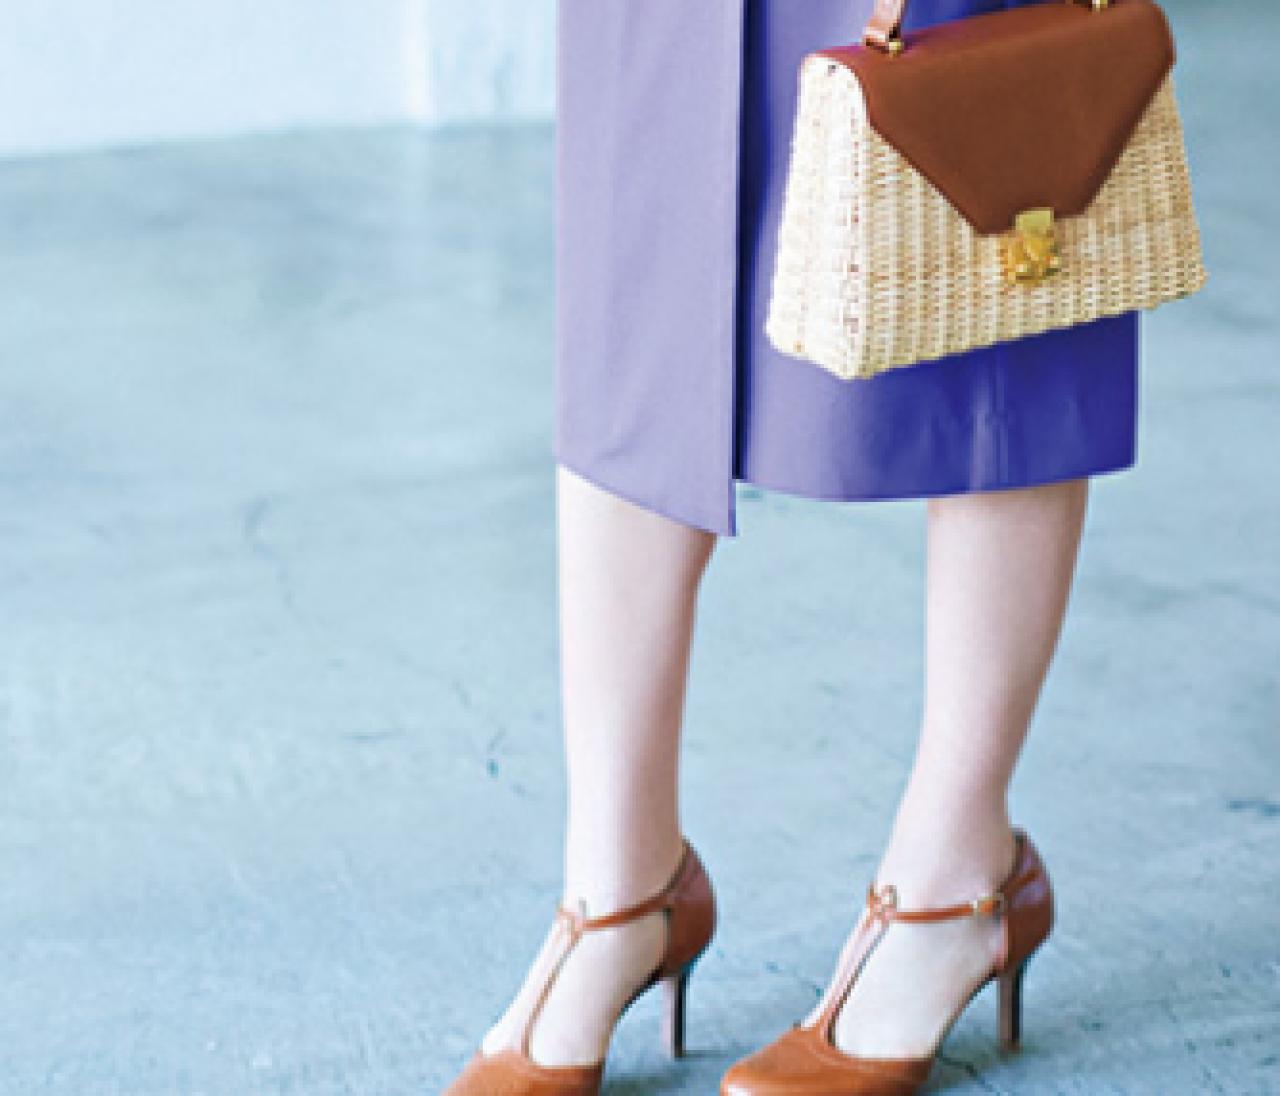 きれい色コーデに即なじむ【茶色のバッグ】のおしゃれ力がスゴい!